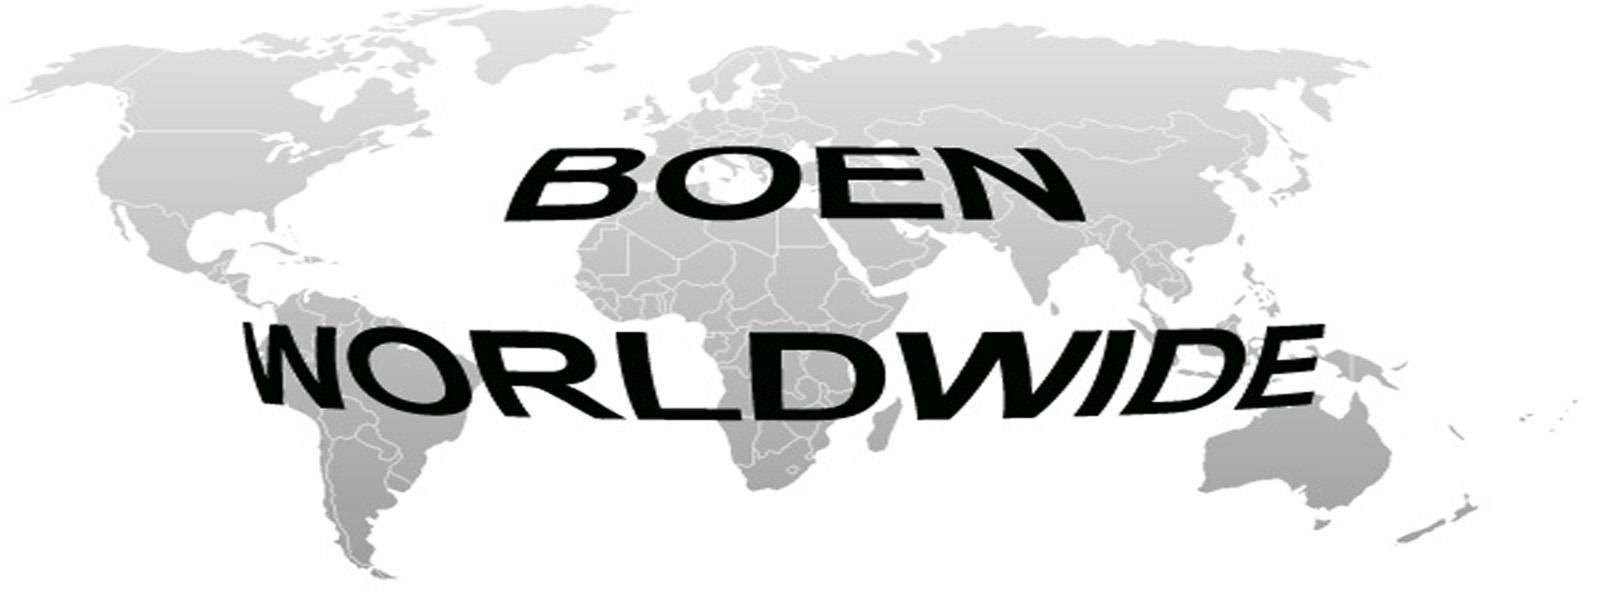 BoenWorldwide.jpg